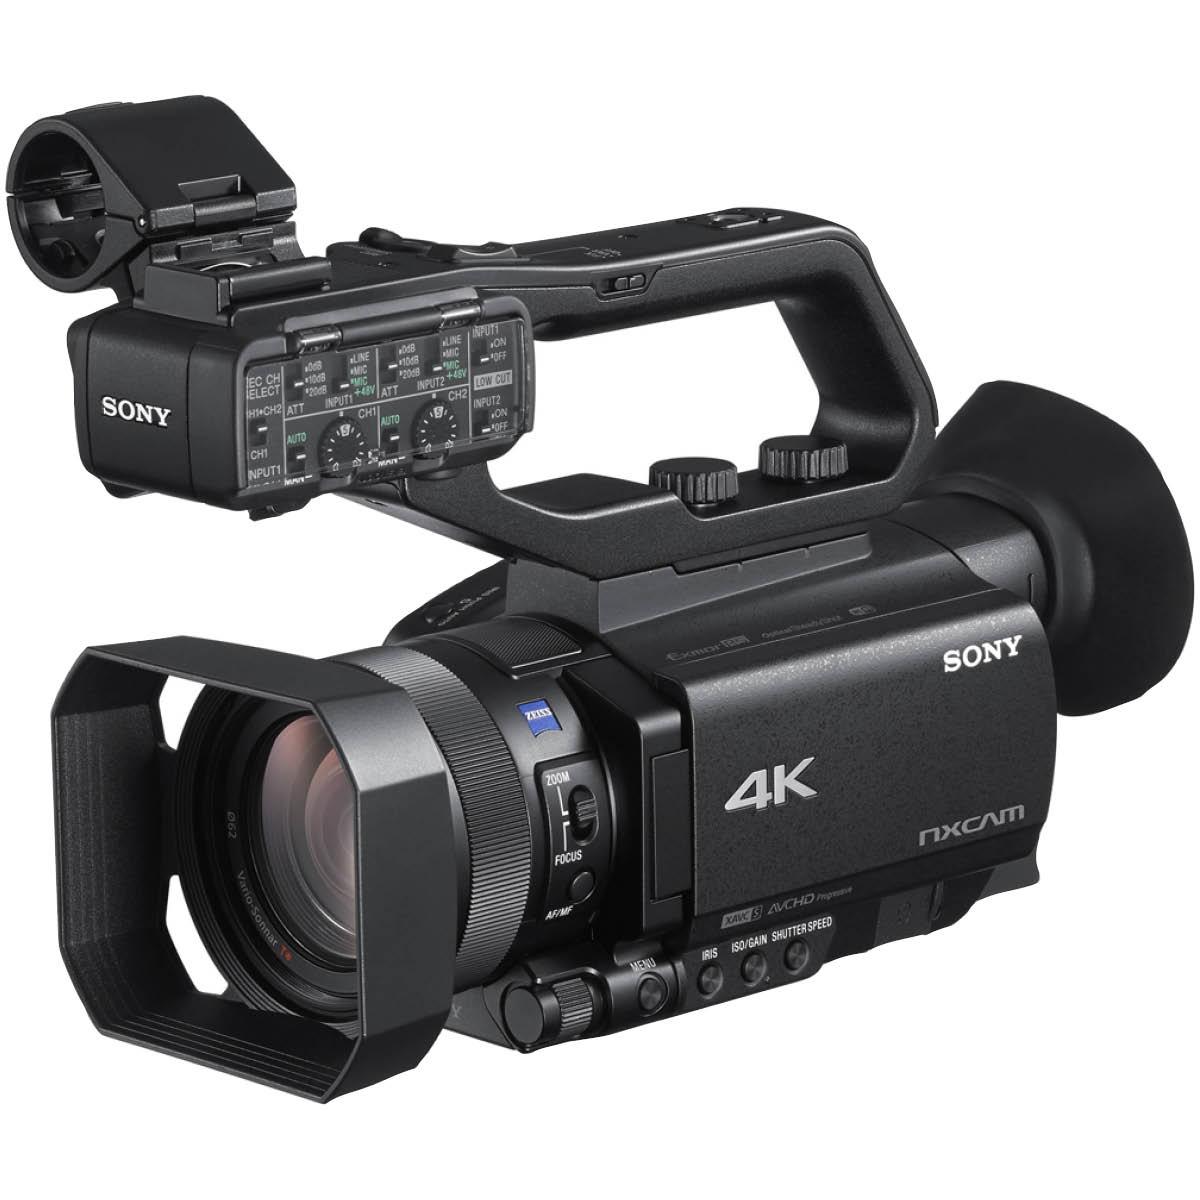 Sony HXR-NX80 Camcorder